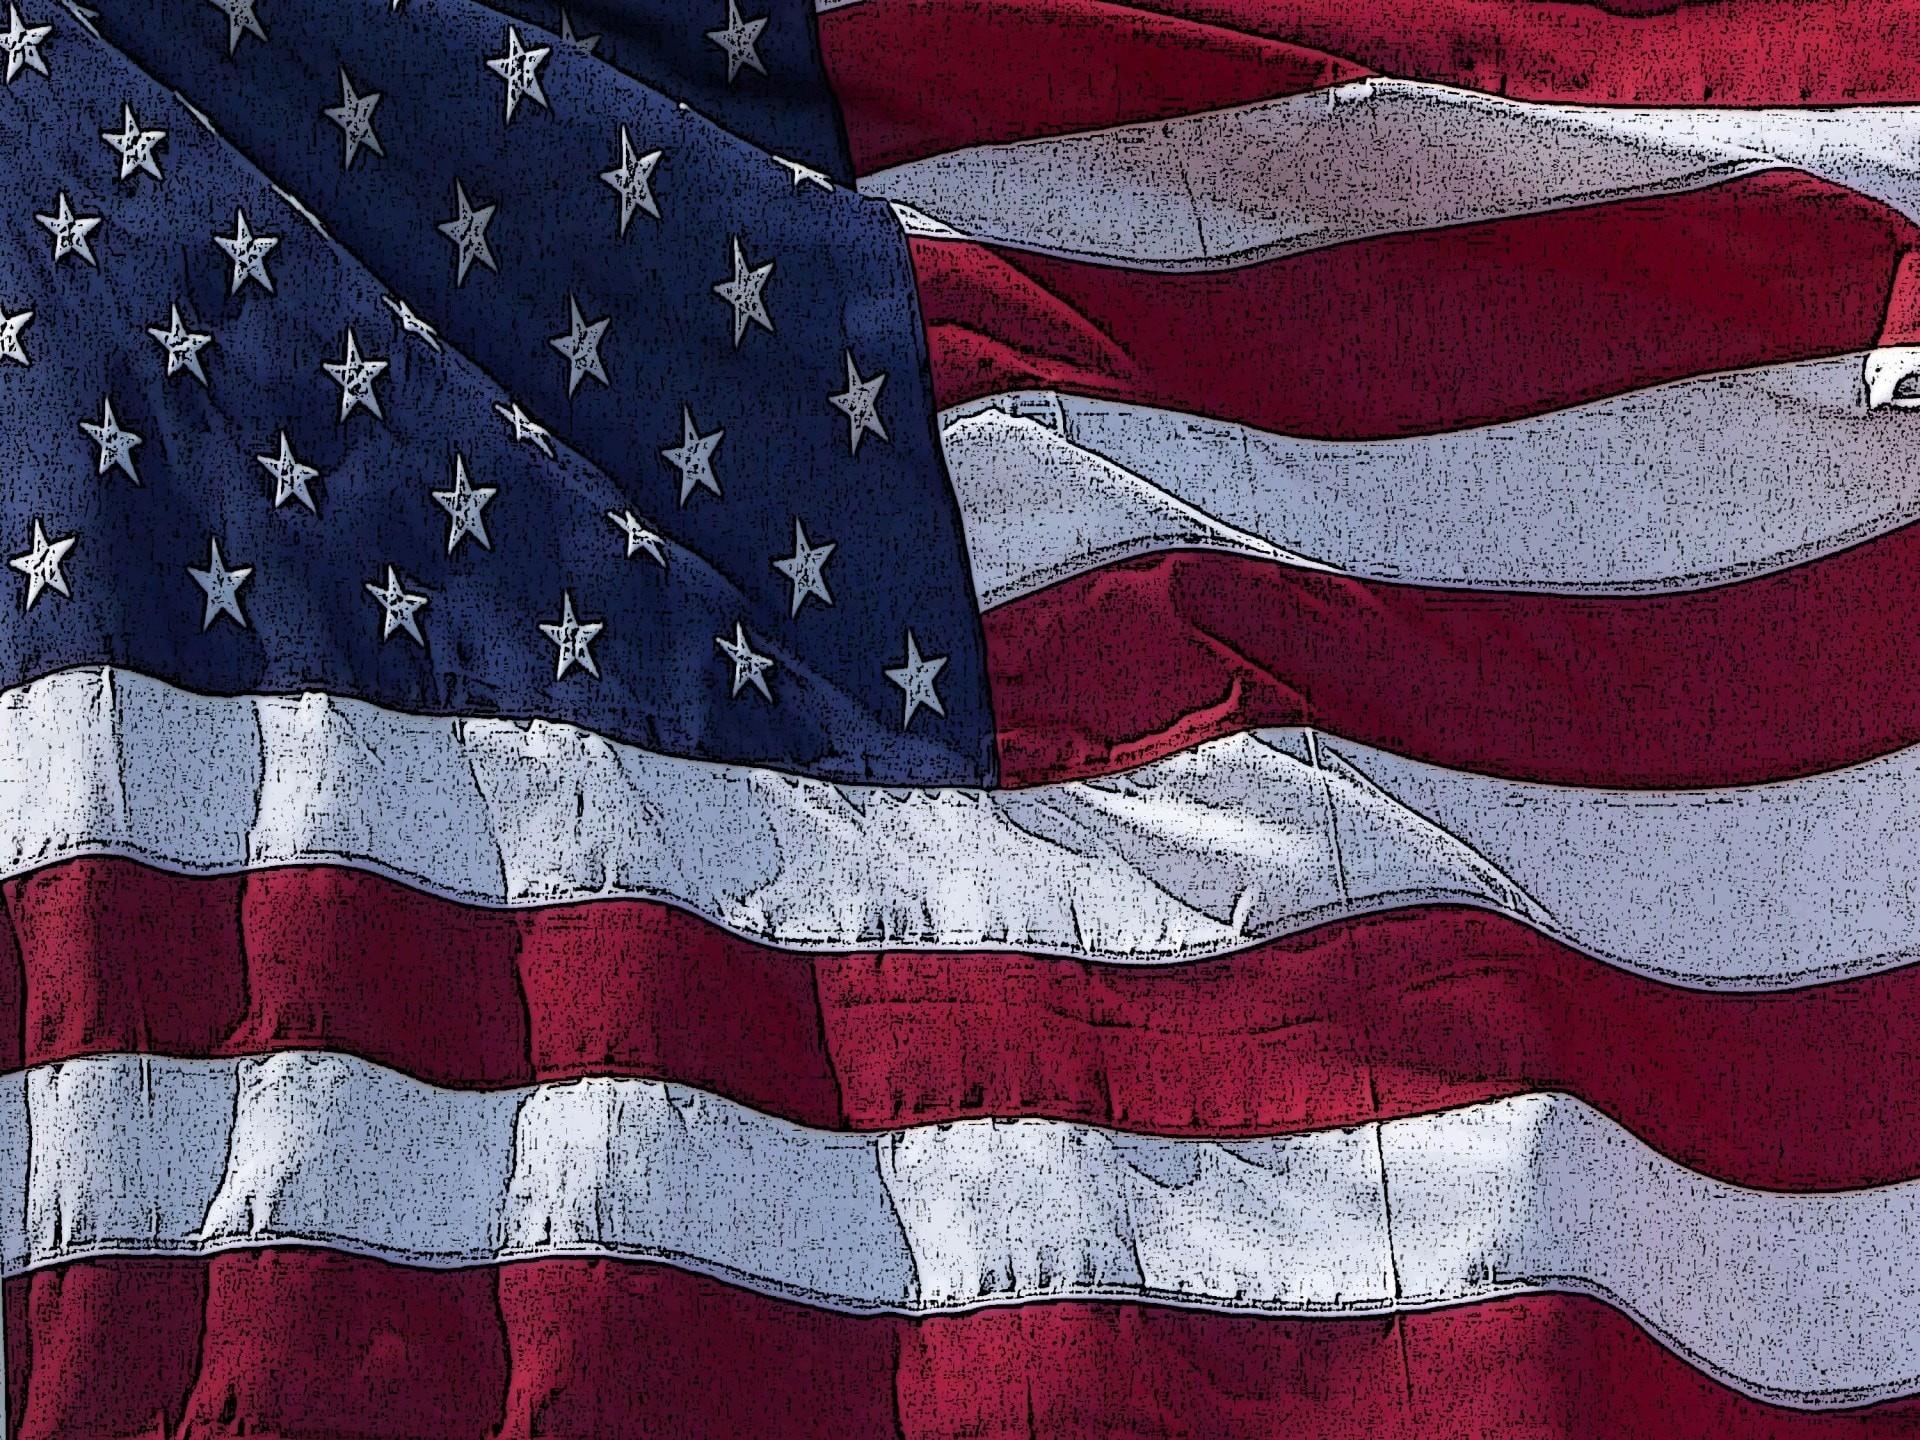 Прикольные картинки американский флаг, для сайта анимацией